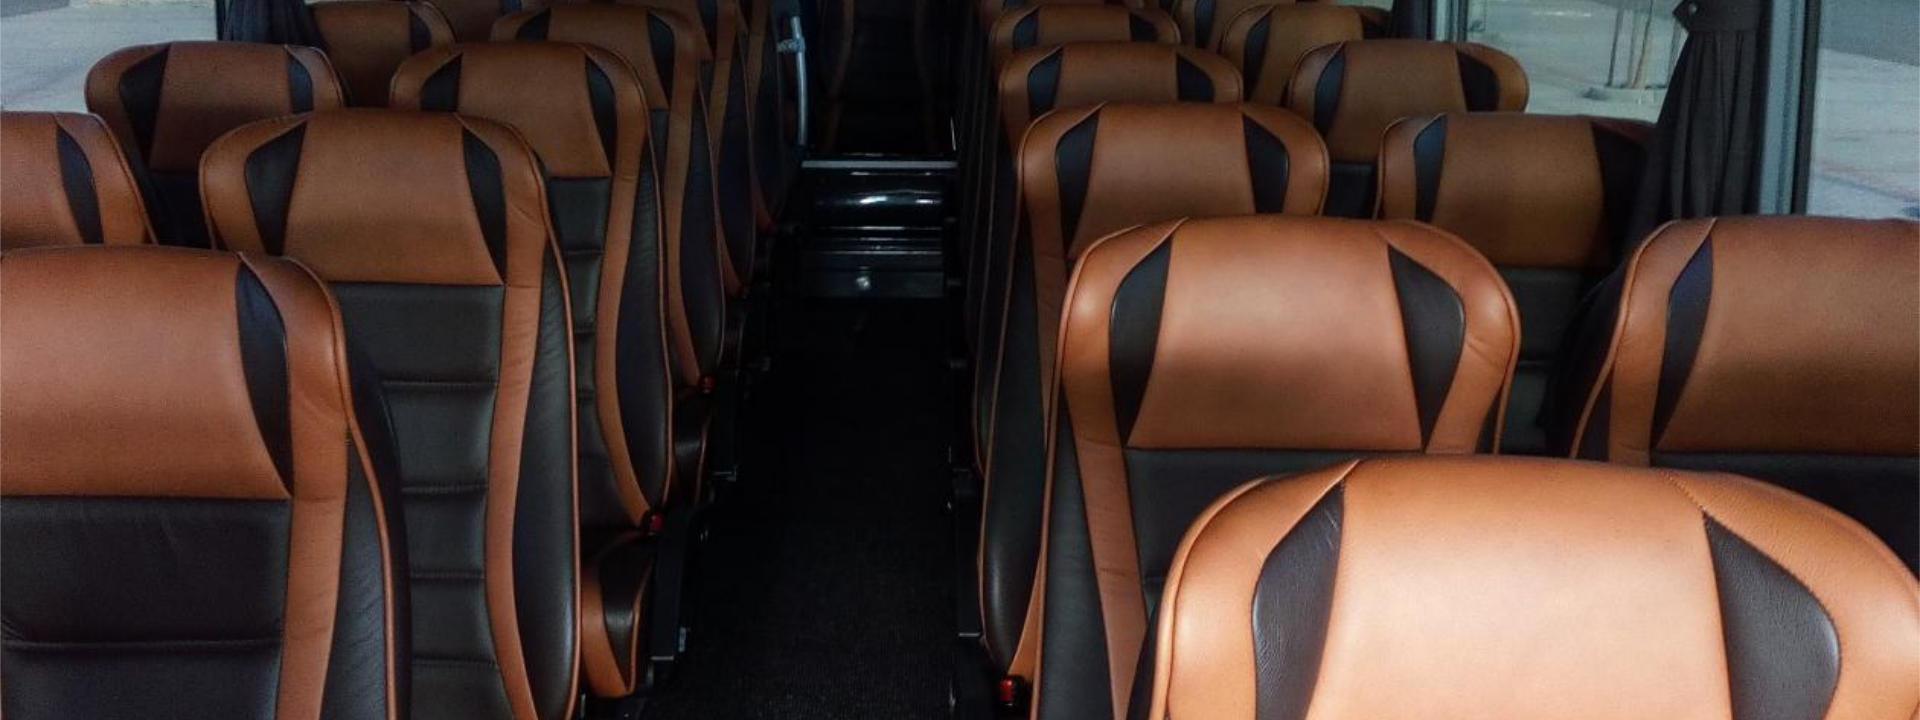 Všechny naše autobusy mají nadstandardní výbavu a interiér přizpůsobený pro nejvyšší pohodlí cestujících.